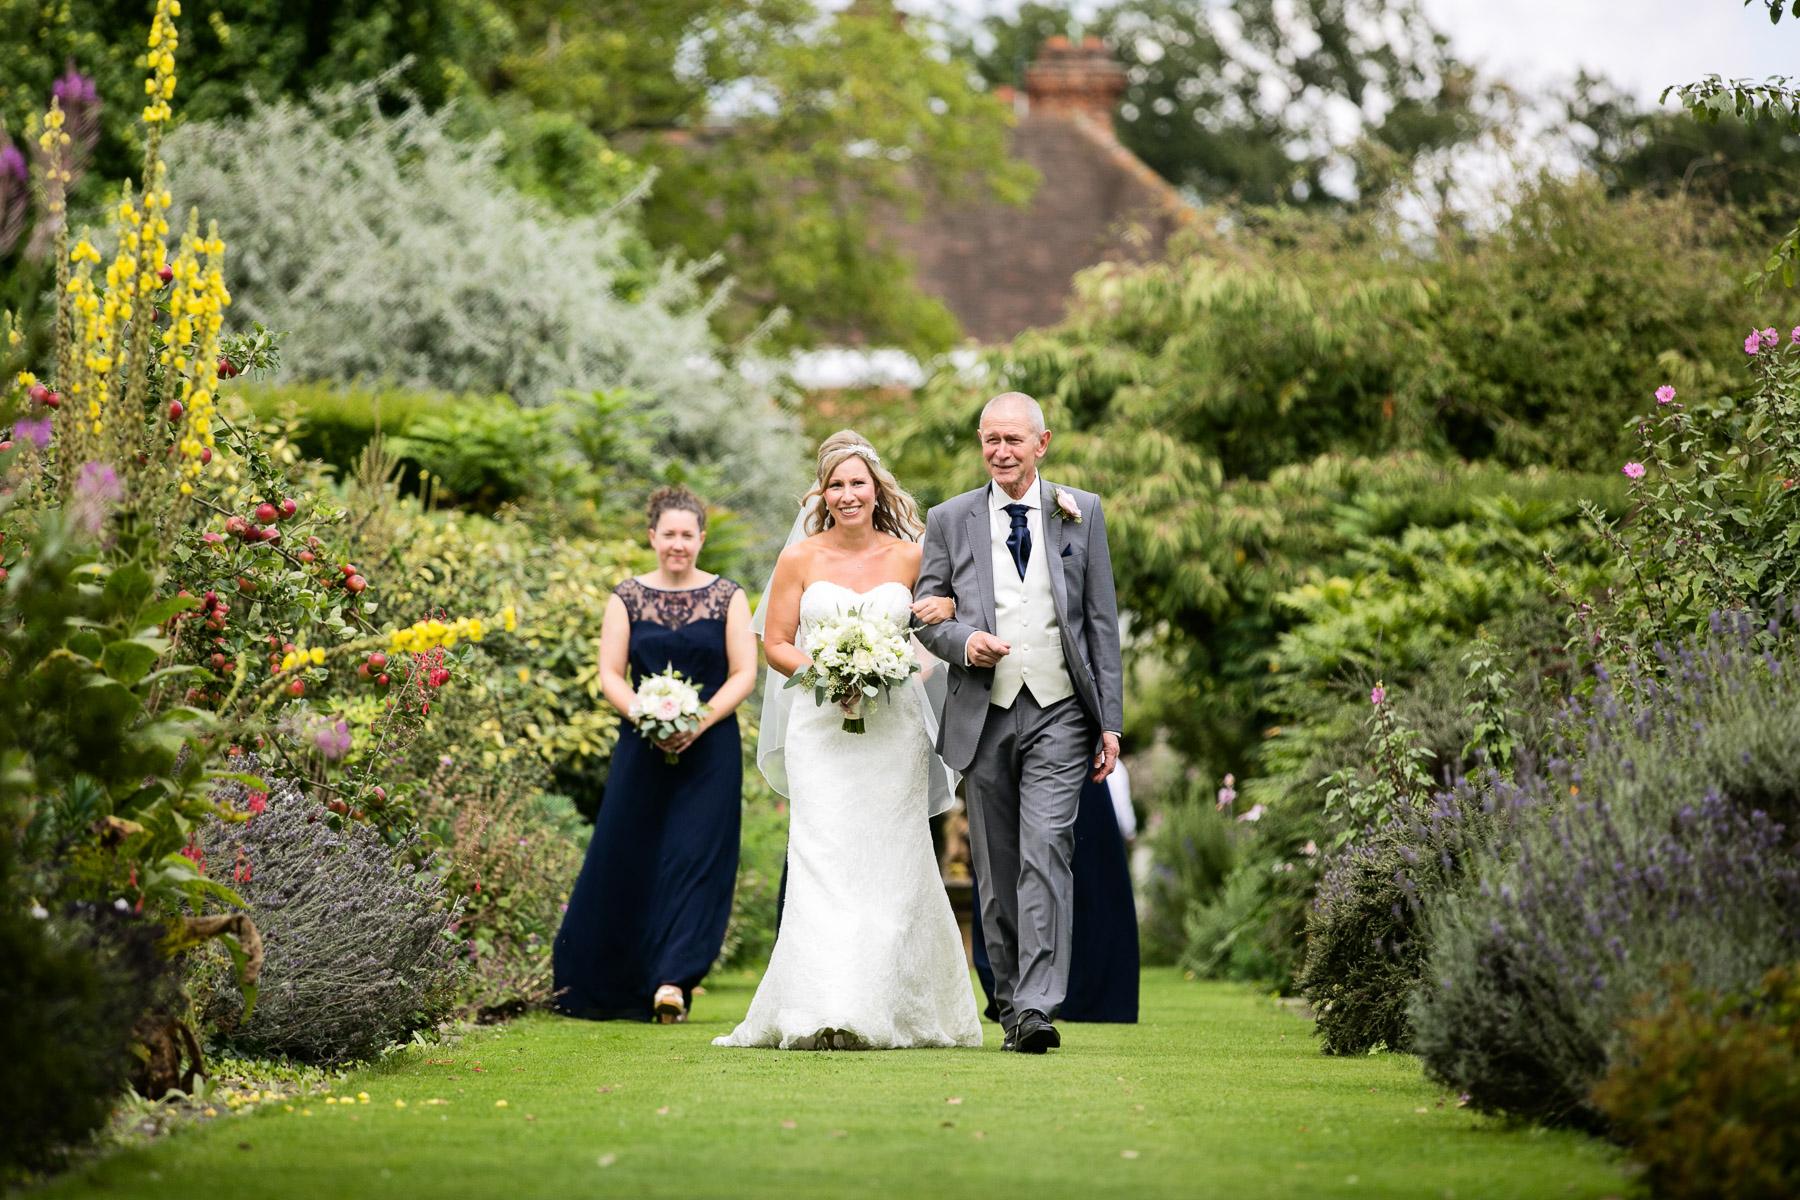 wedding portfolio 25-09-17  067.jpg